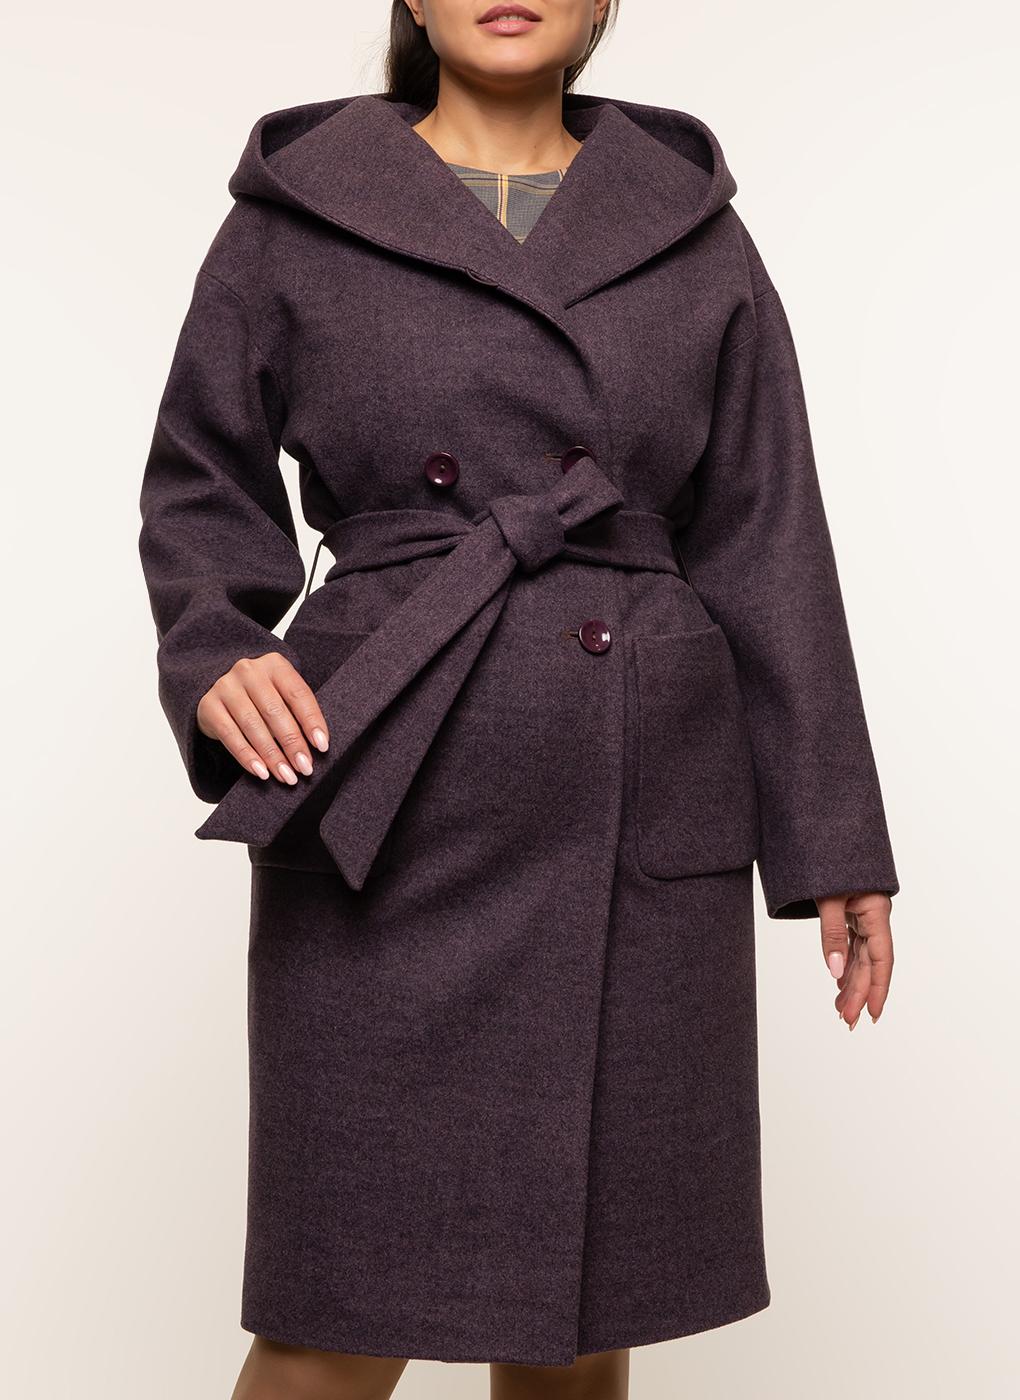 Пальто прямое полушерстяное 37, Amulet фото